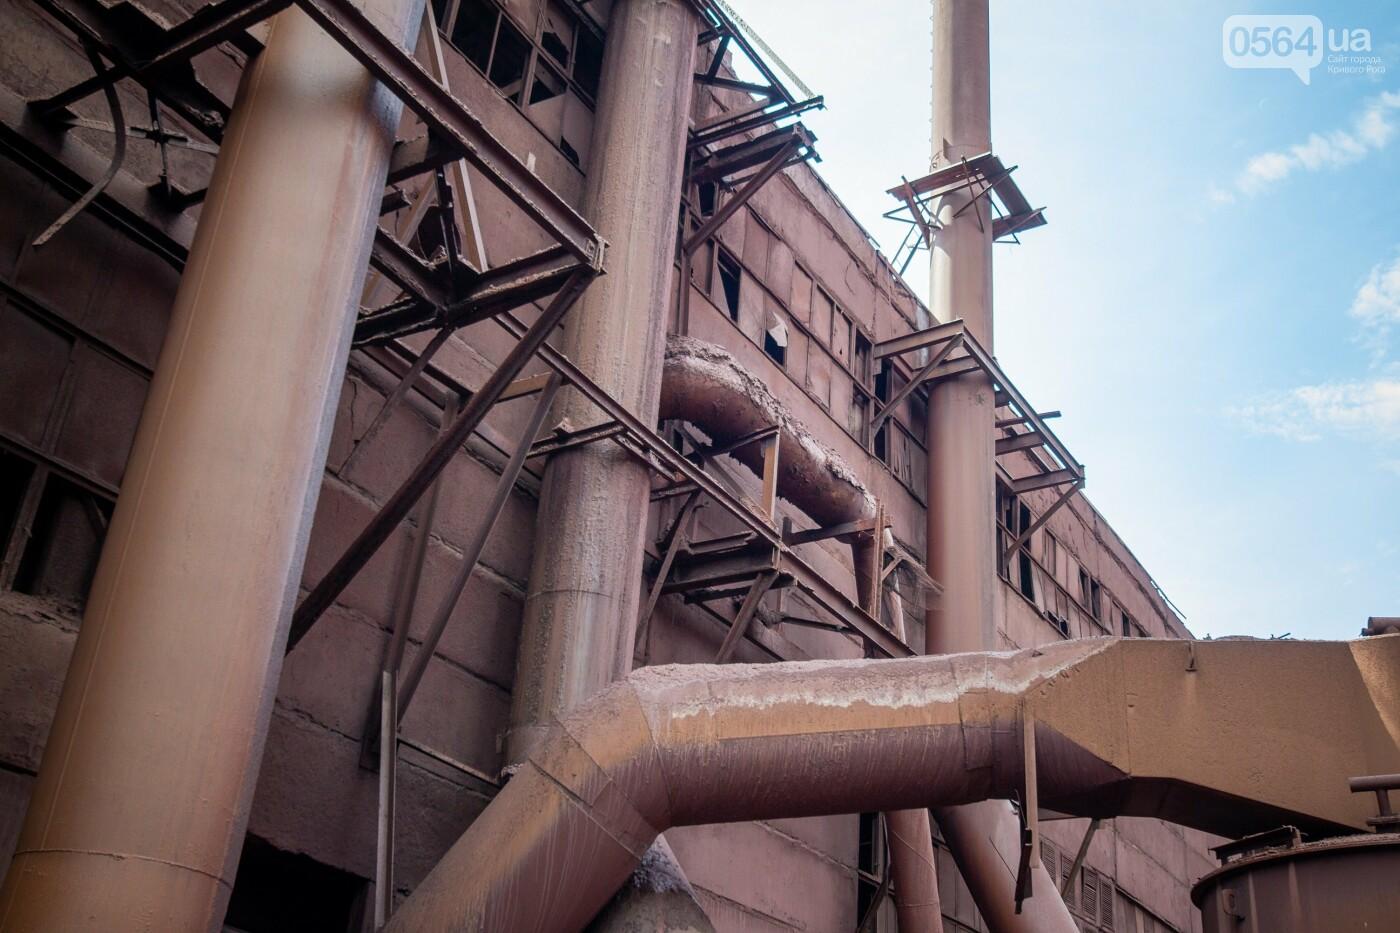 Северный ГОК продолжил модернизацию газоочистного оборудования в цехах производства окатышей, фото-2